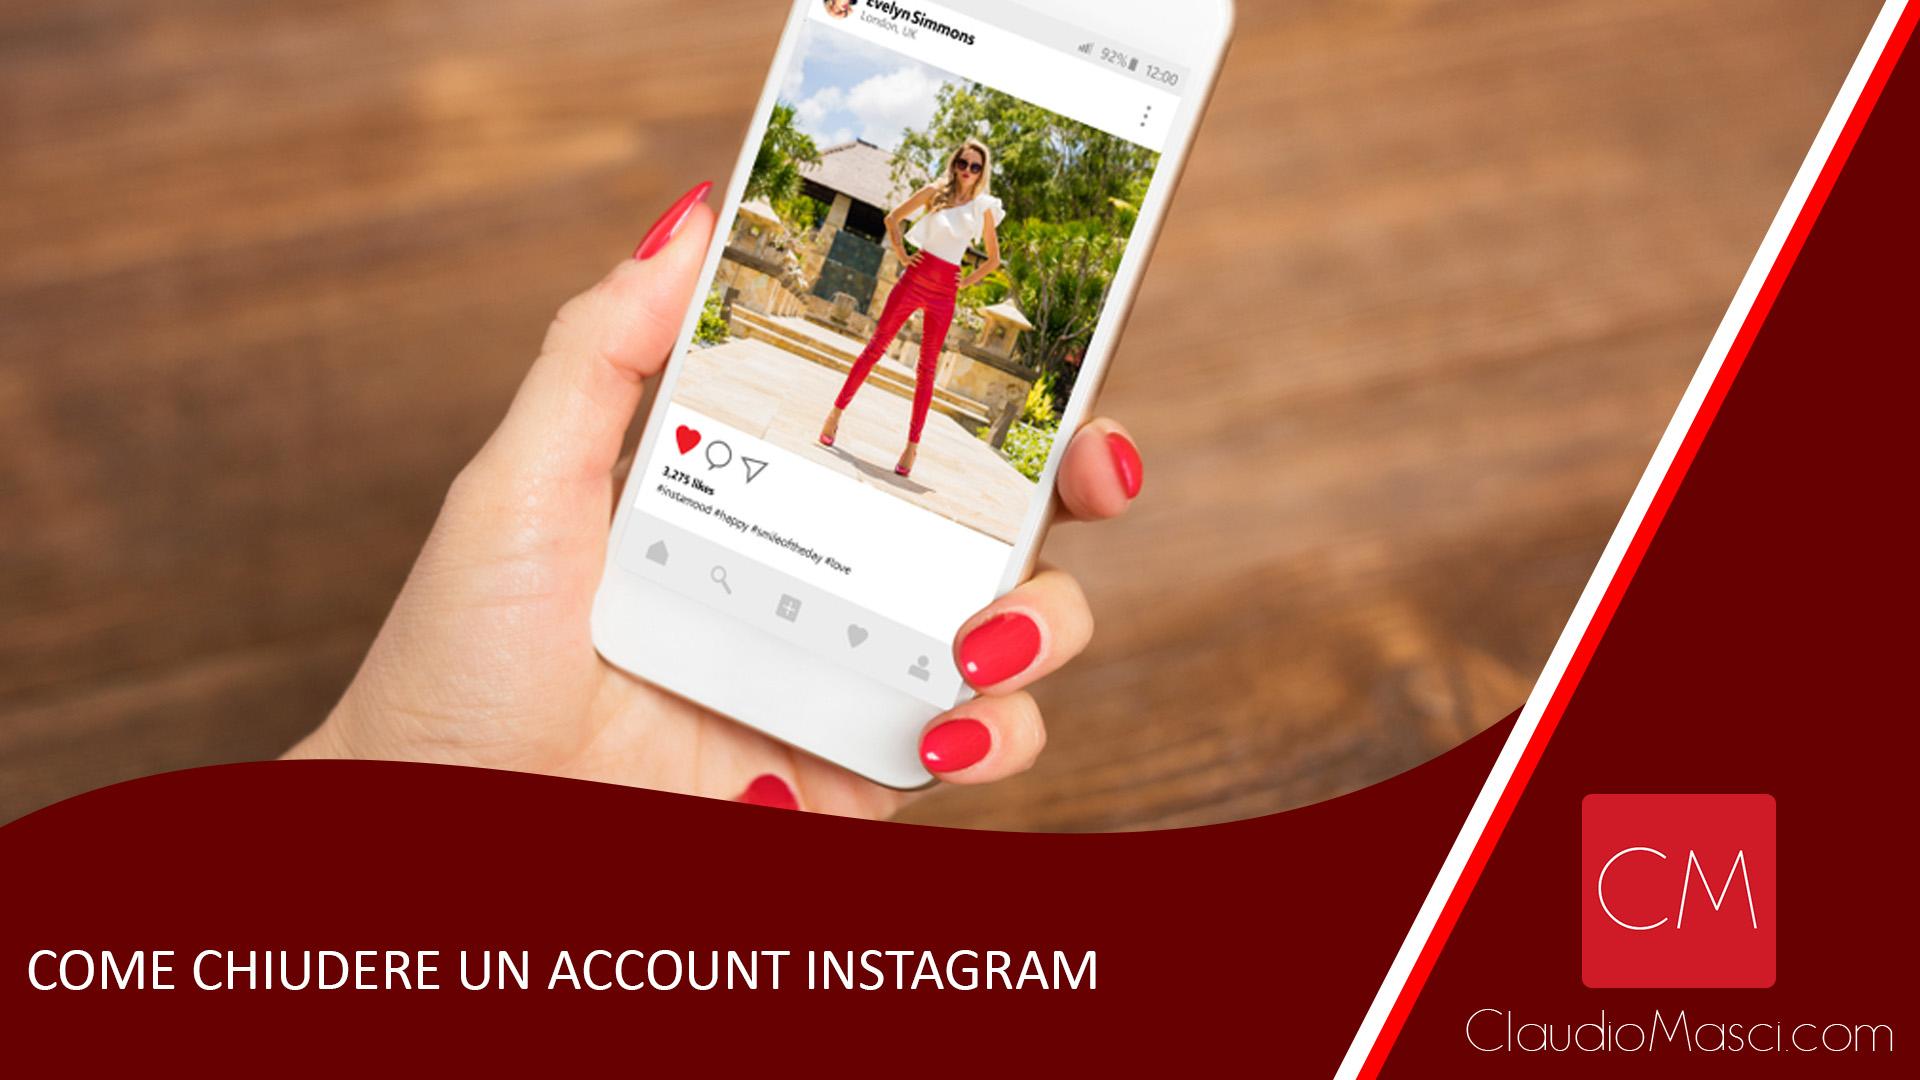 Come chiudere un account Instagram